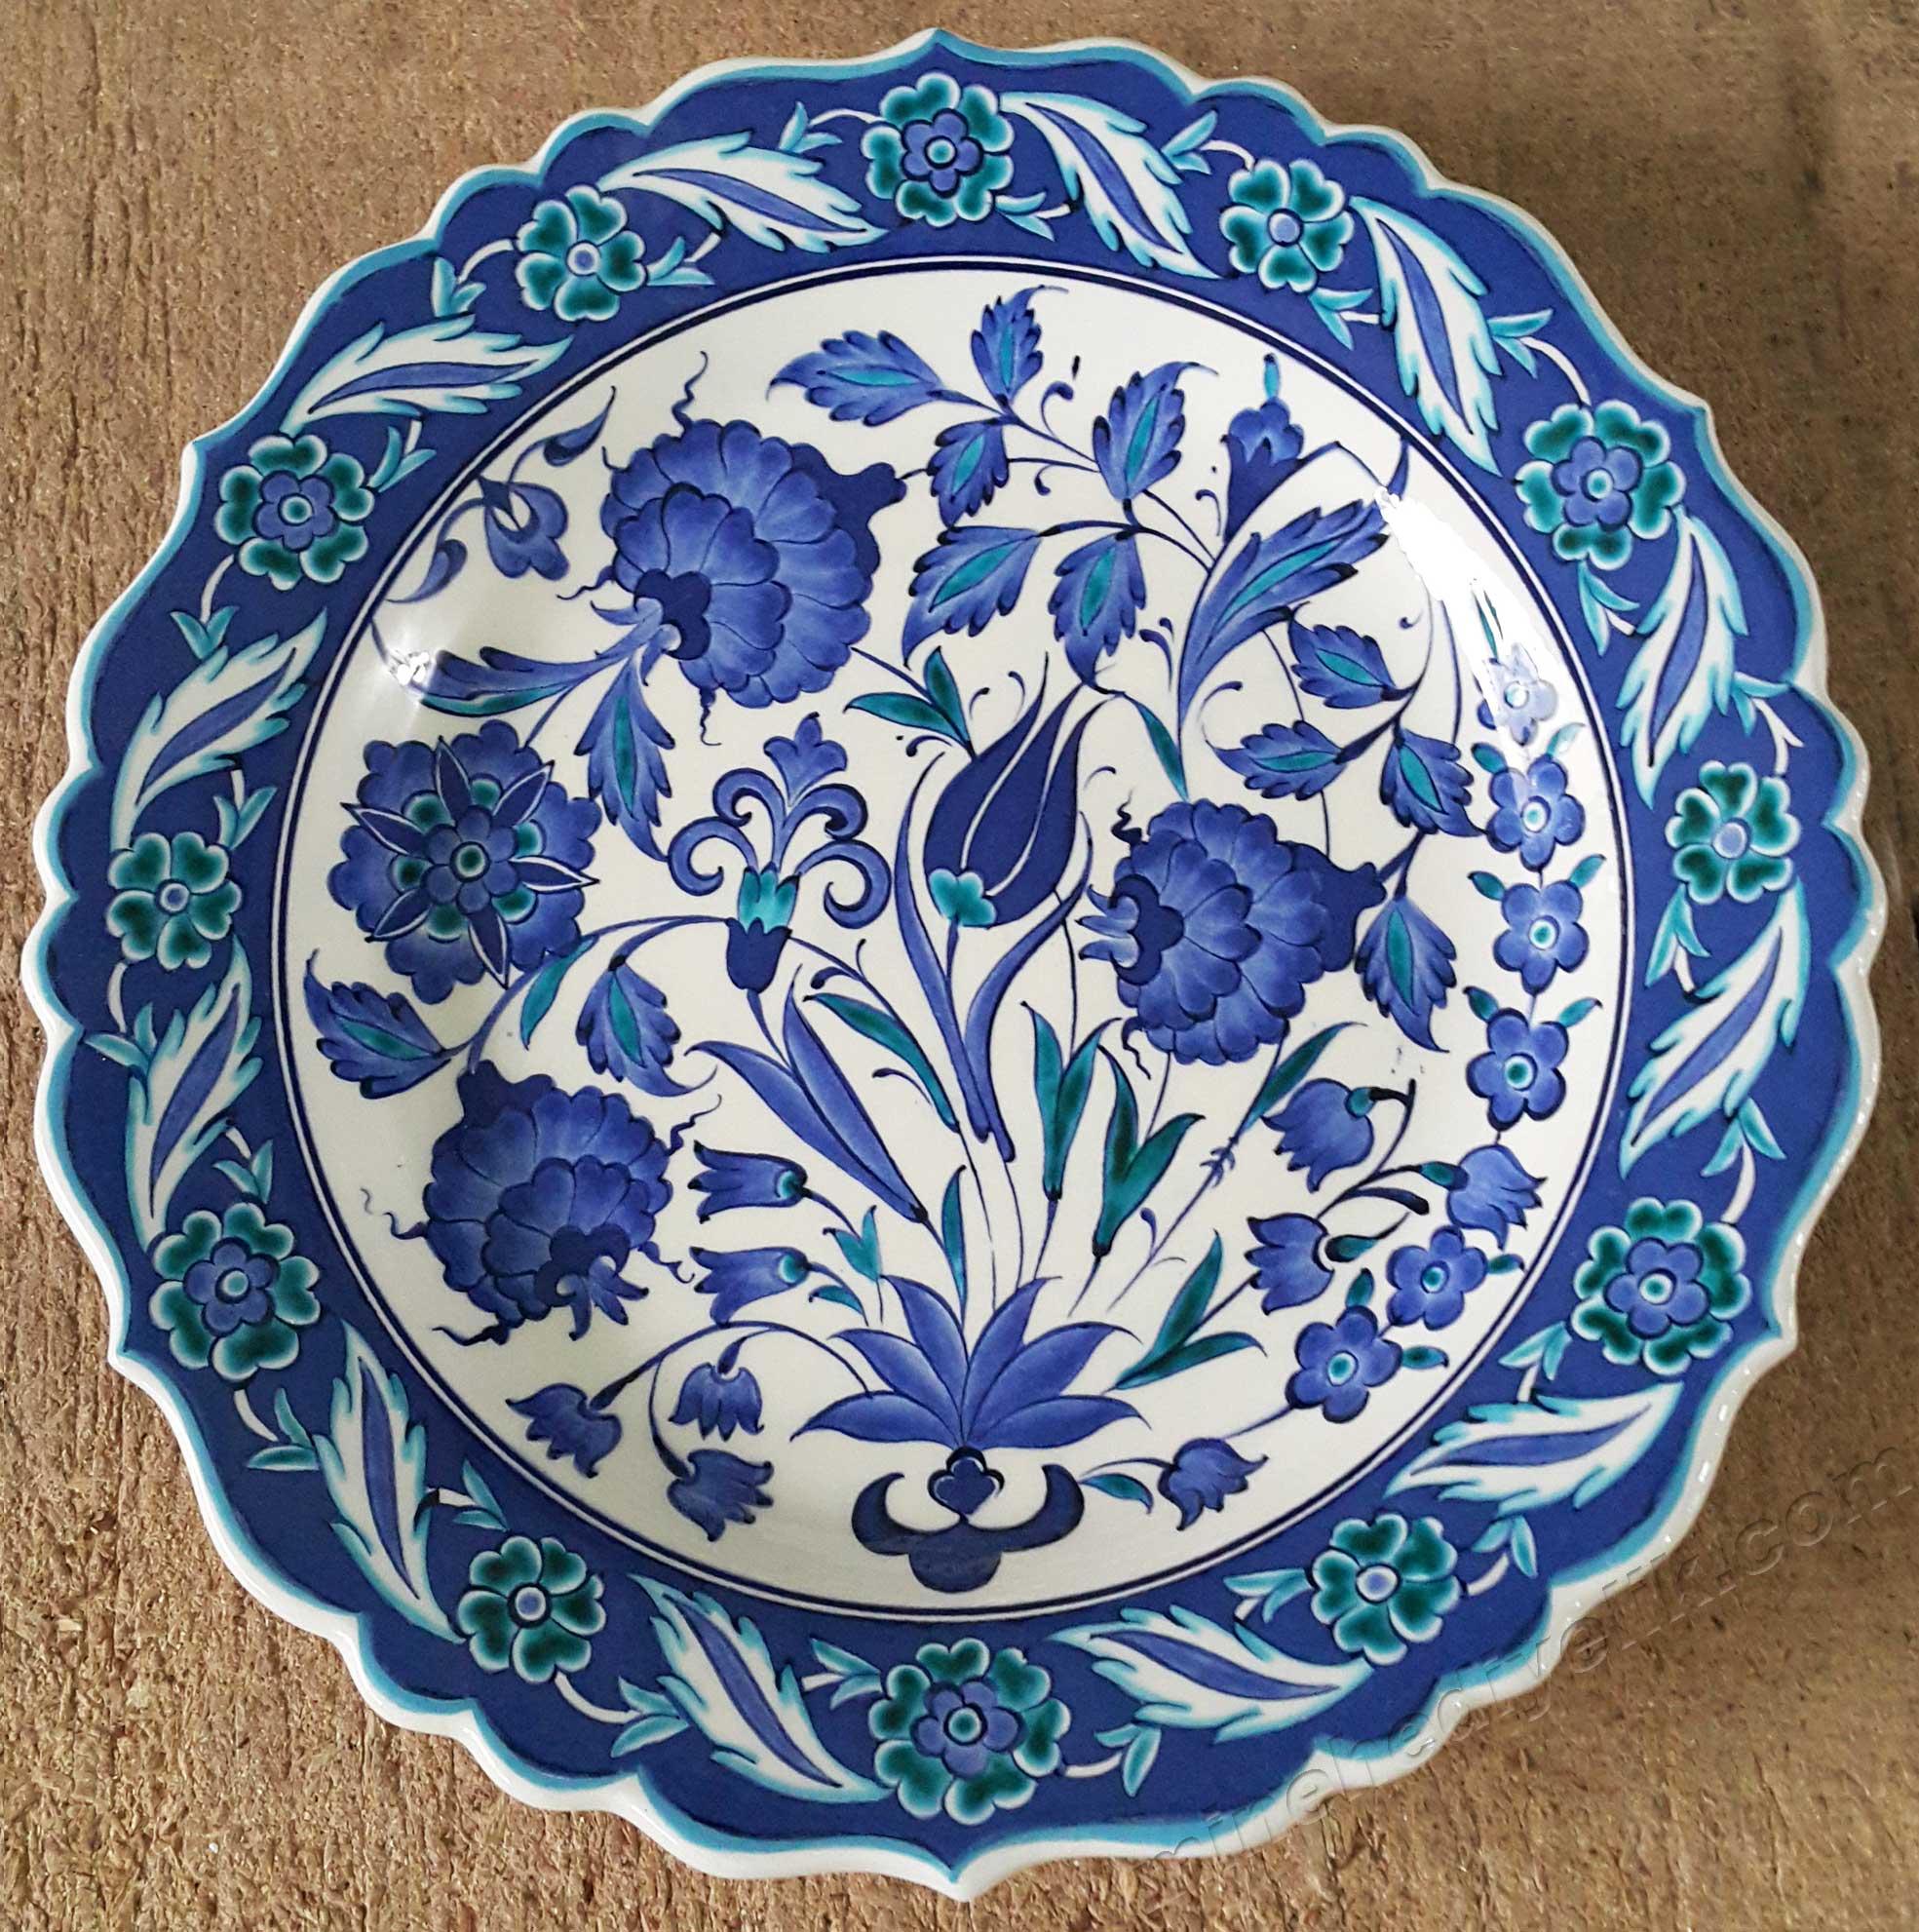 Mavi Beyaz Gül ve Lale Desenli 30 cm Çini Tabak Türkiye ye Özgü Kalıcı ve Geleneksel Hediyeler